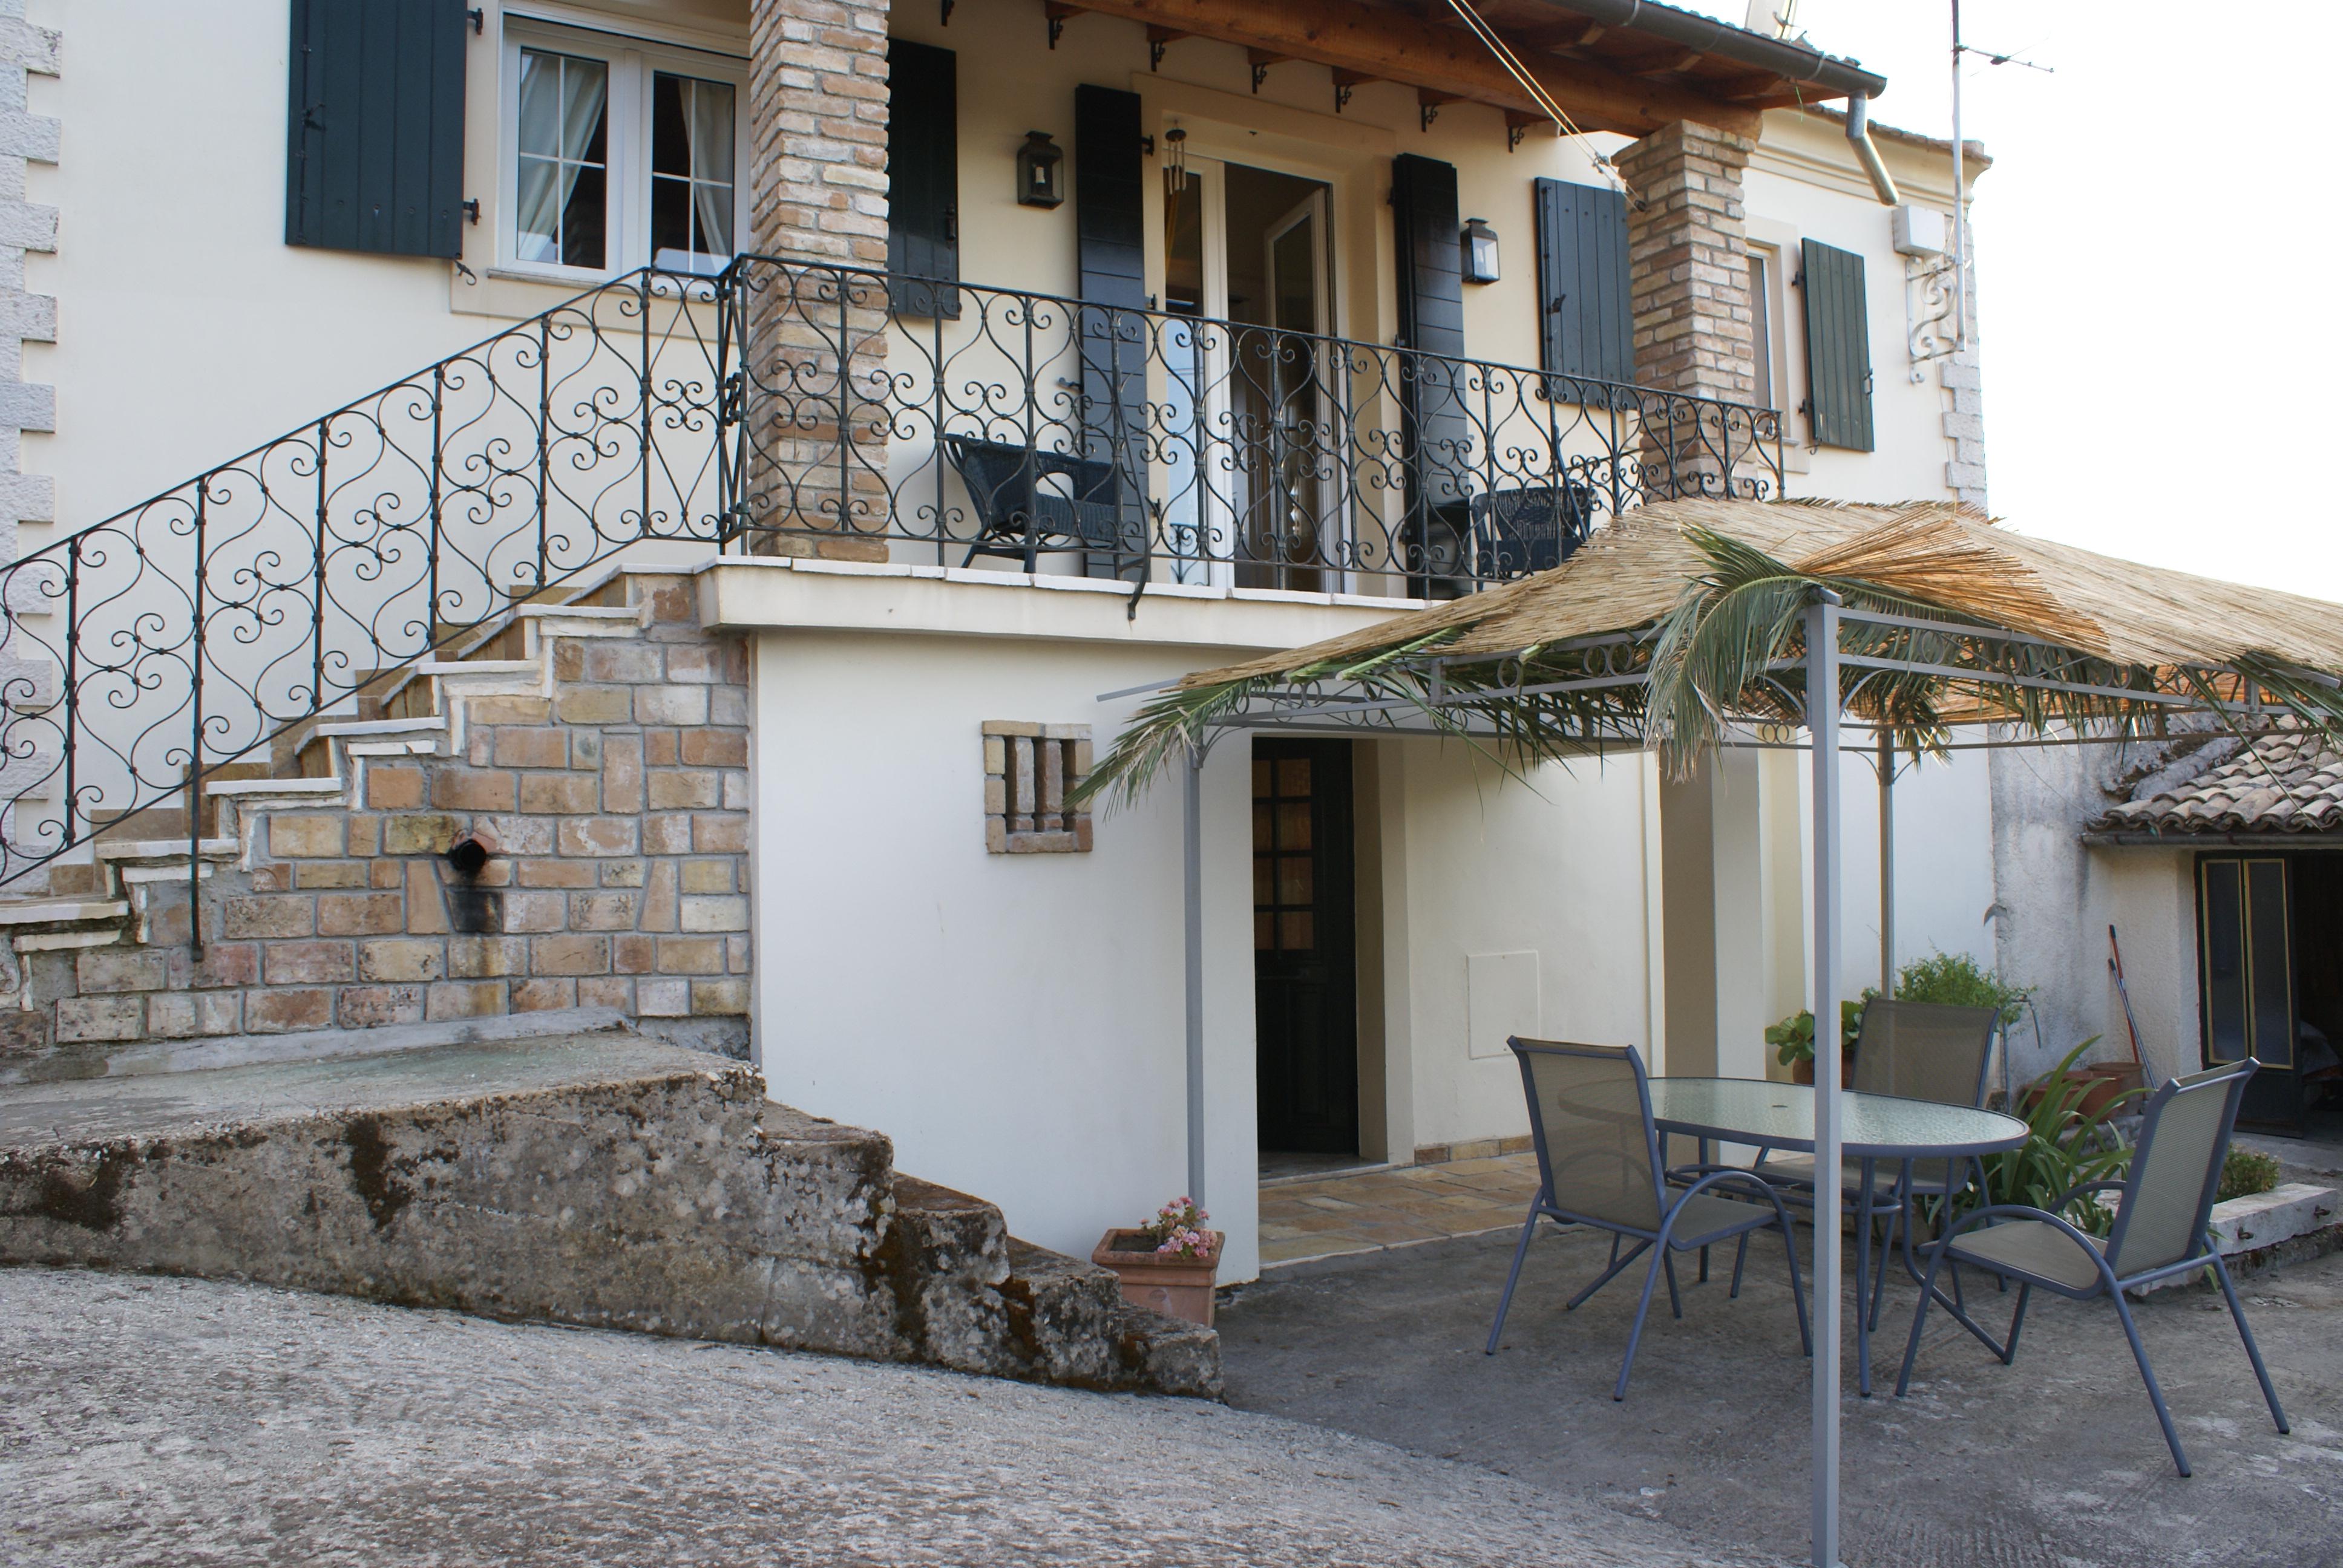 Korfu Ferienhaus Thea, Episkepsi - Acharavi, Korfu, KorfuCorfu.de